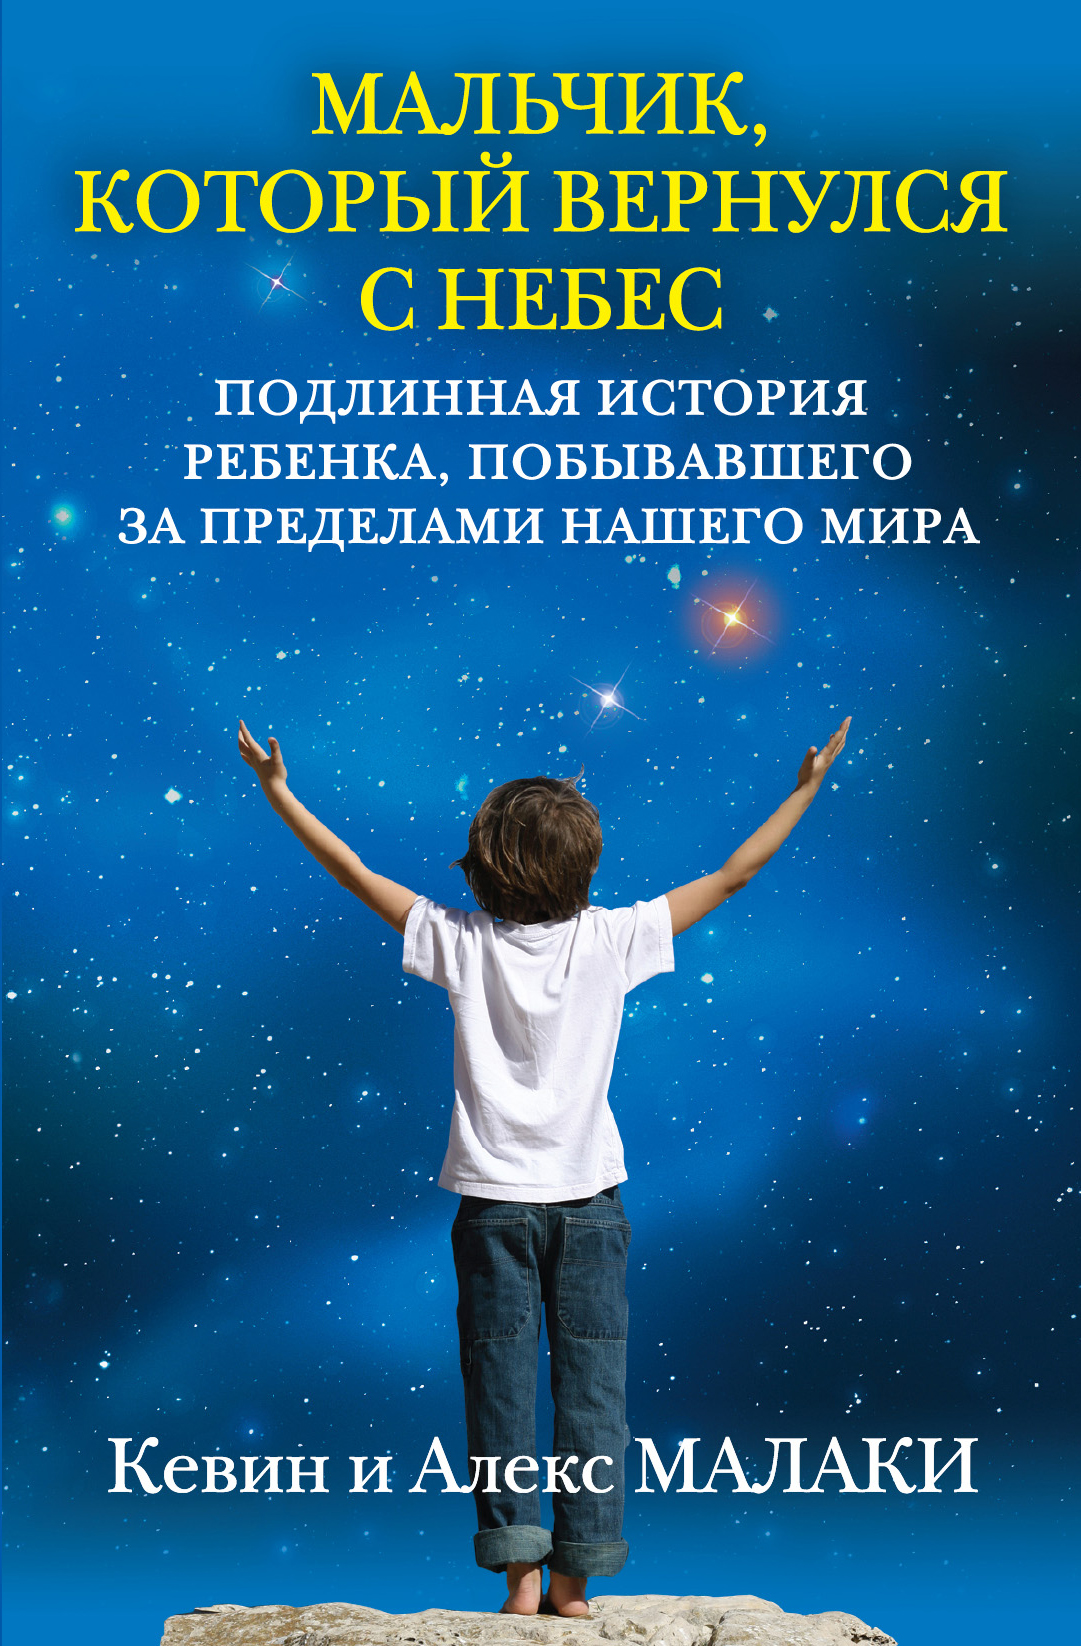 Мальчик, который вернулся с небес